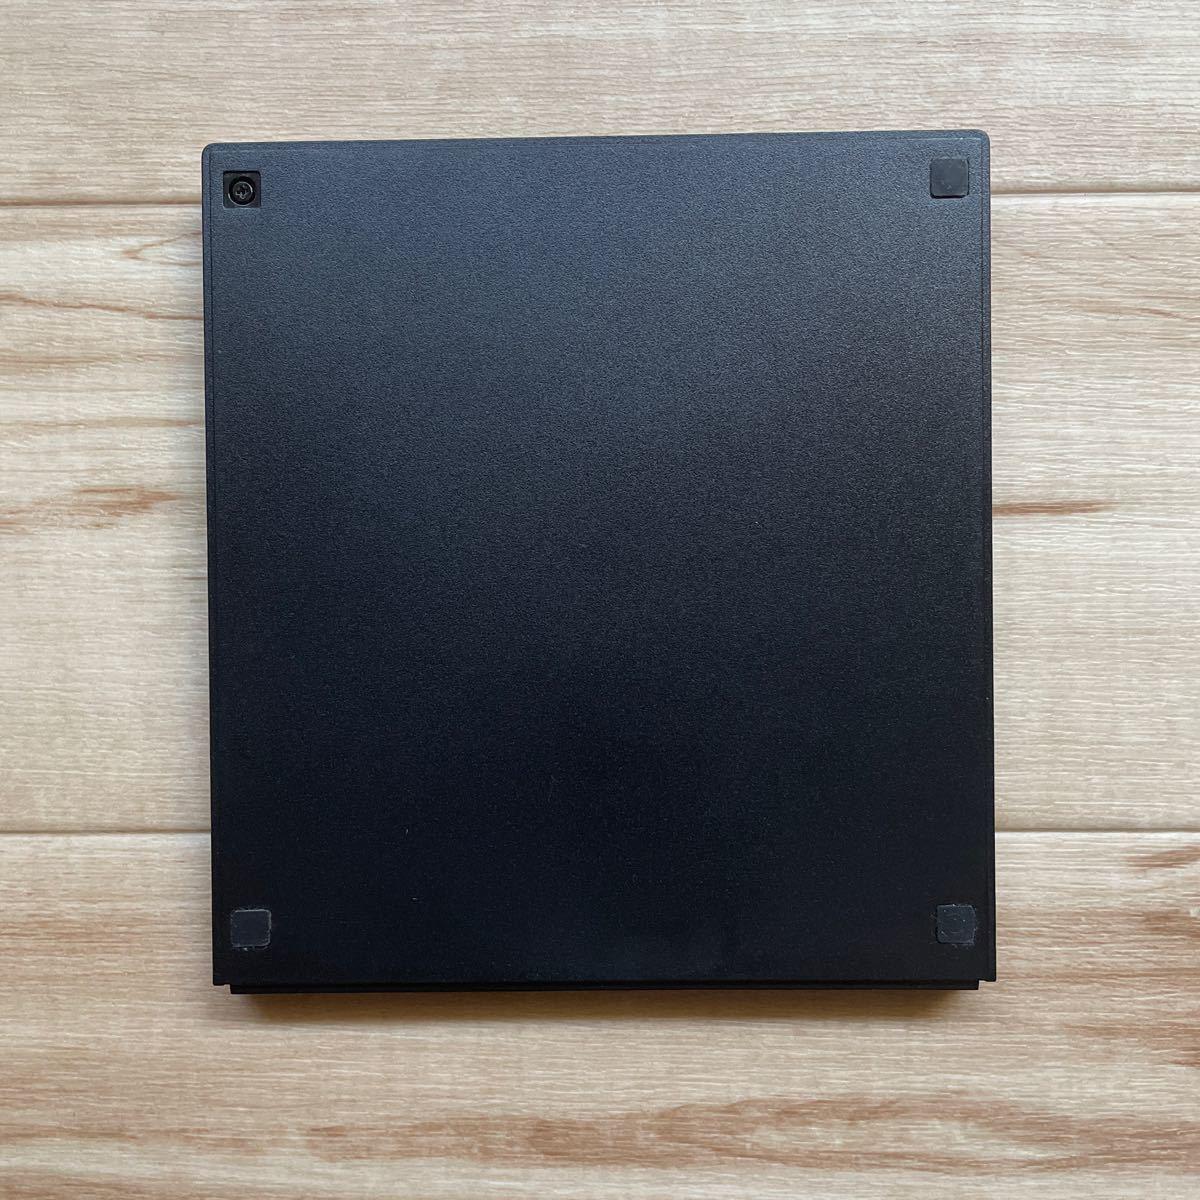 Logitech ポータブル ブルーレイ ユニット LBD-PVA6U3V Blu-ray DVD CD ドライブ